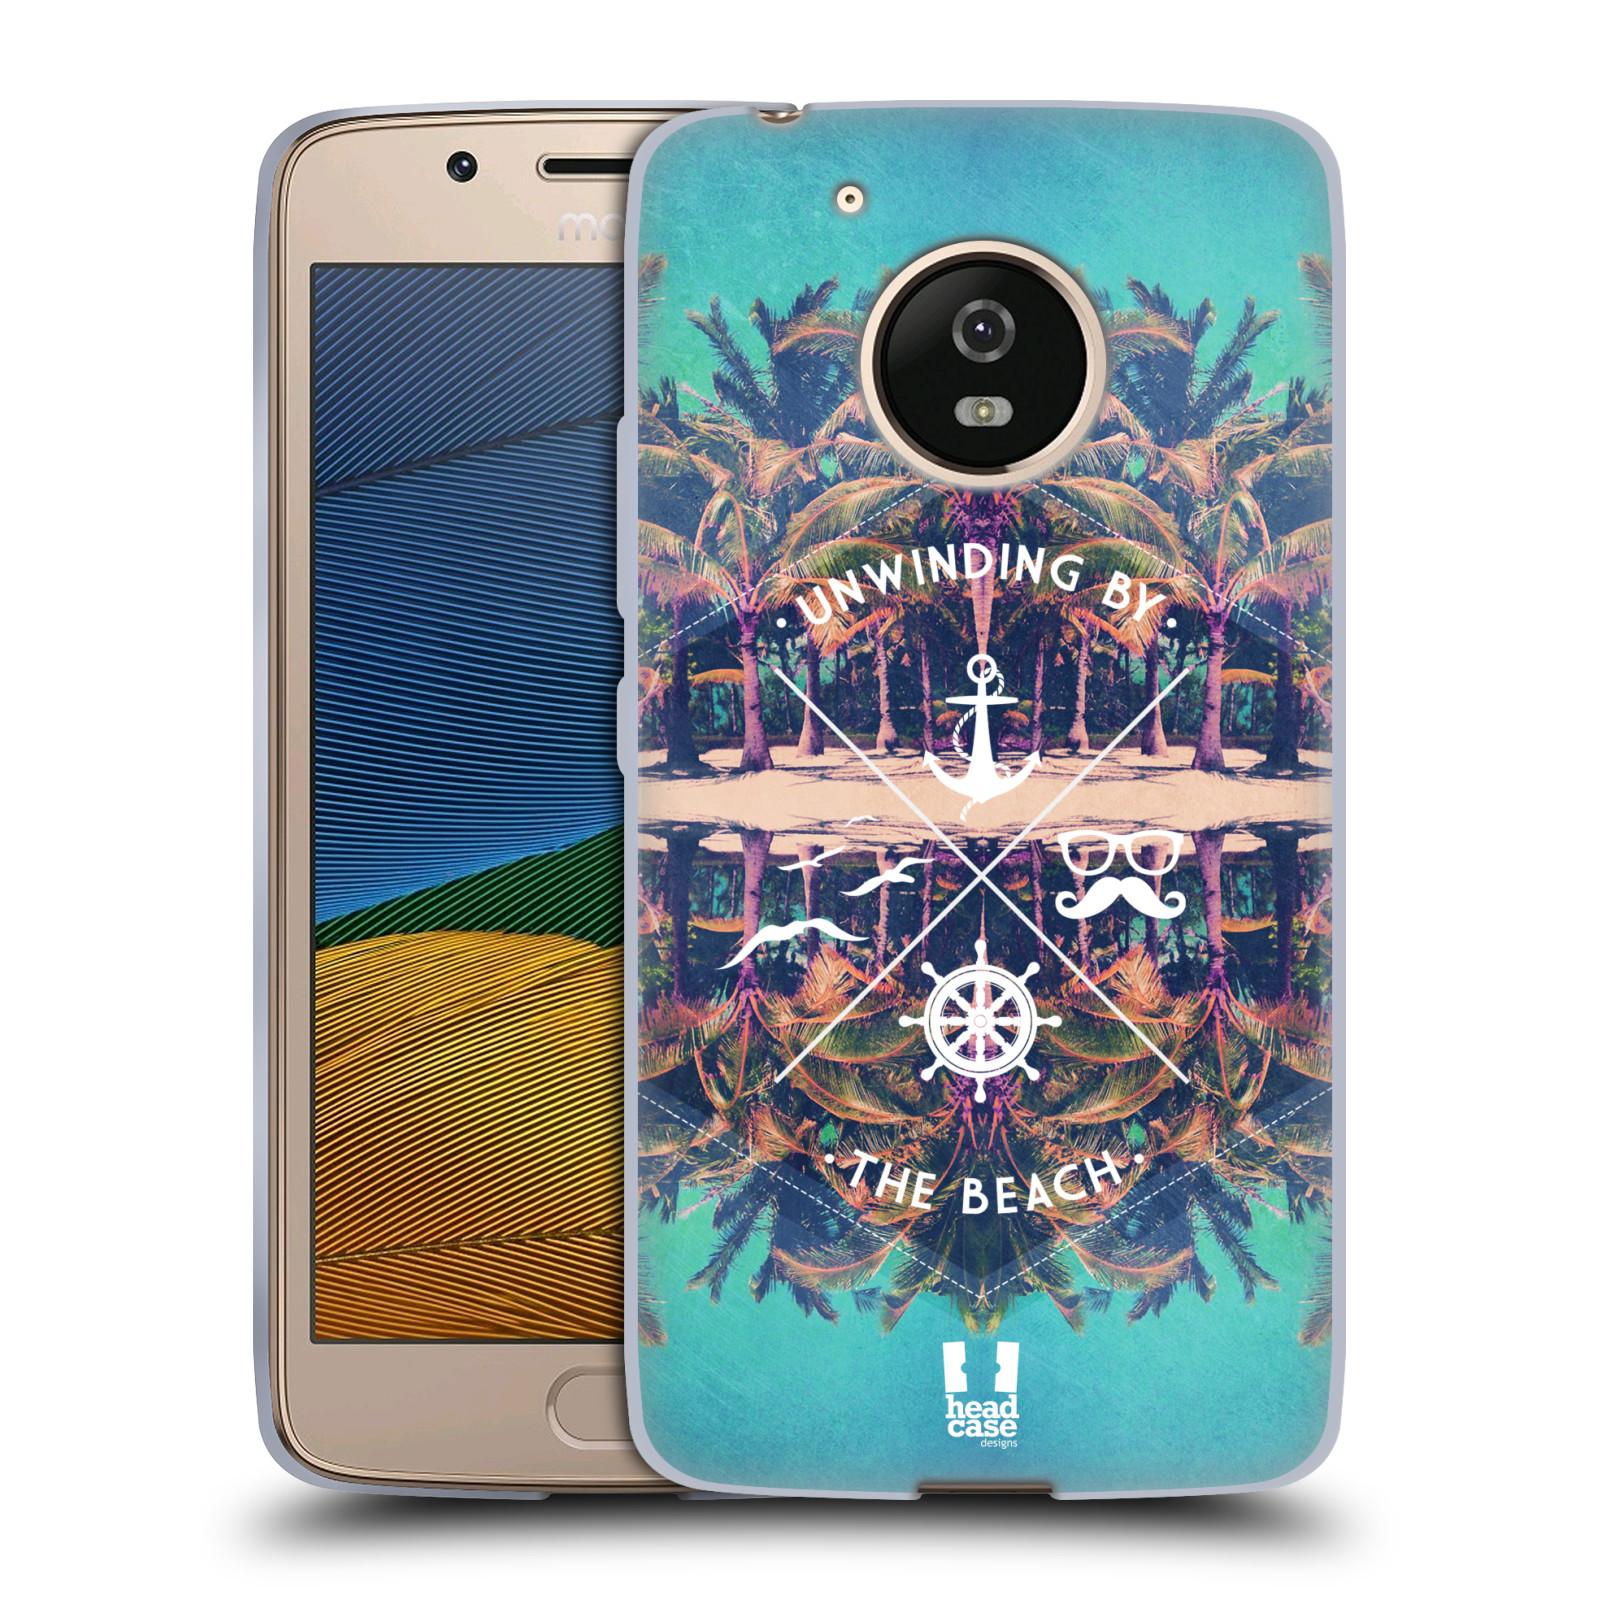 Silikonové pouzdro na mobil Lenovo Moto G5 - Head Case Bezvětří (Silikonový kryt či obal na mobilní telefon Lenovo Moto G5)